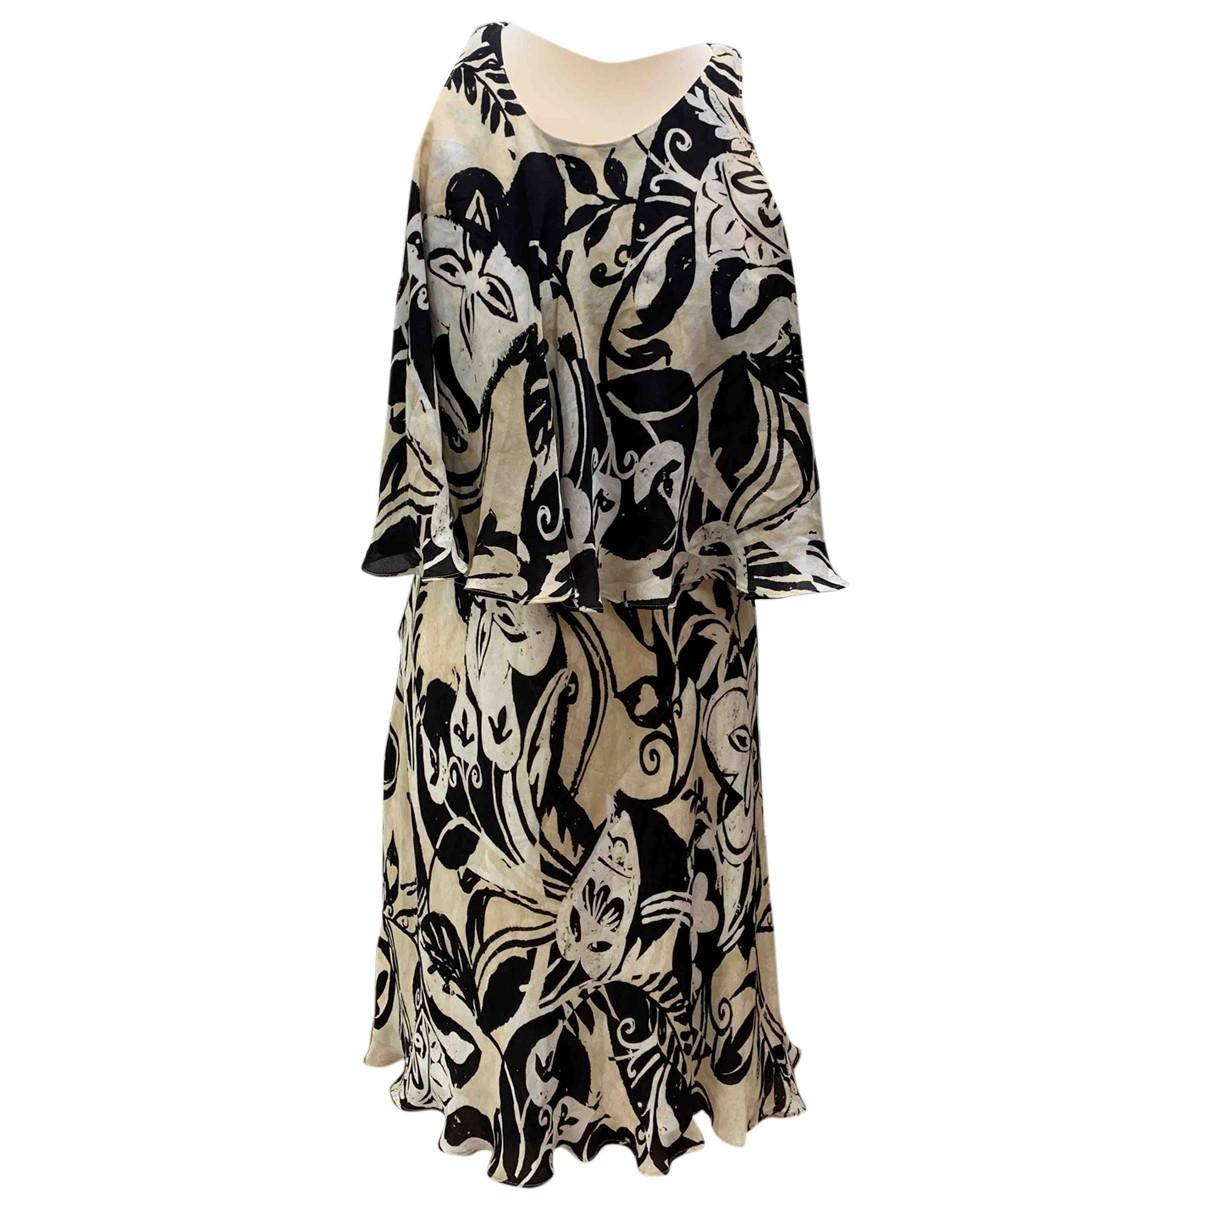 Polo Ralph Lauren \N Kleid in  Beige Seide